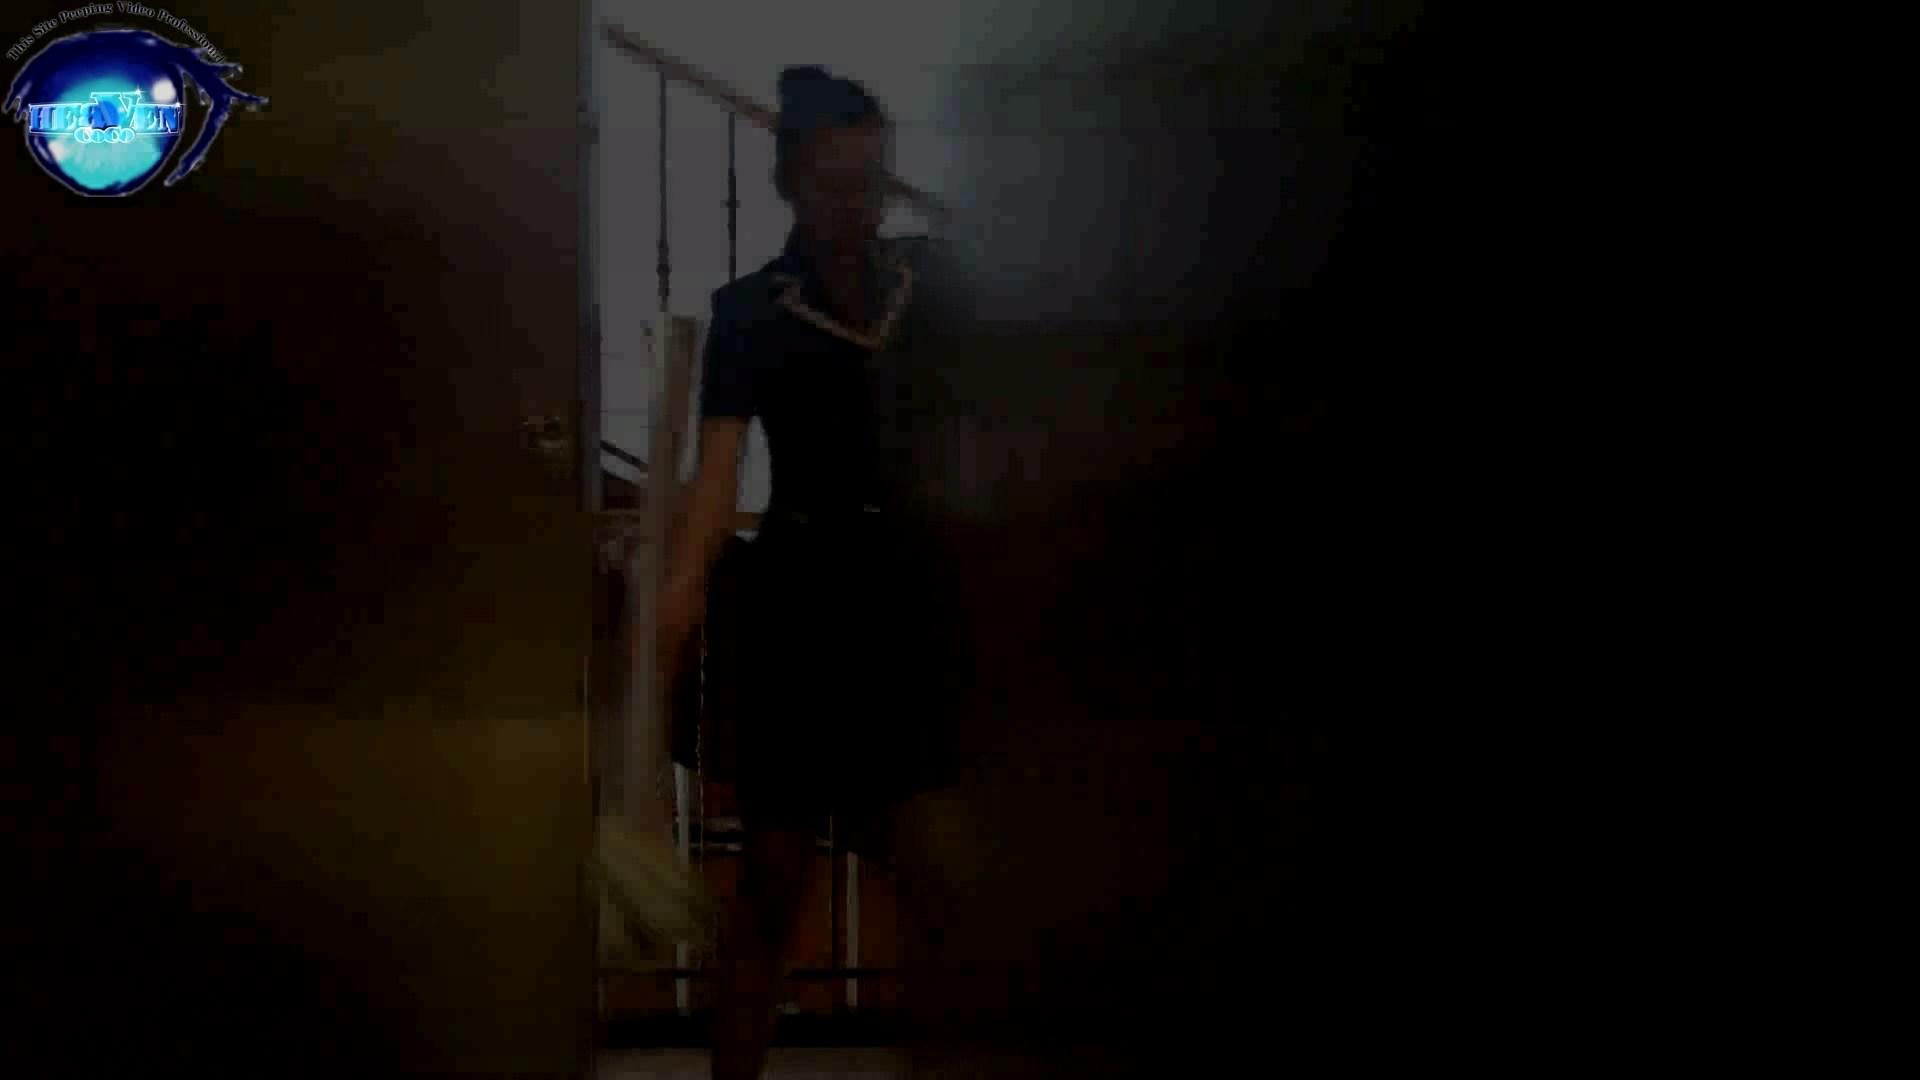 GOD HAND ファッションショッピングセンター盗撮vol.02前編 OLエロ画像 | 高画質  82PICs 67